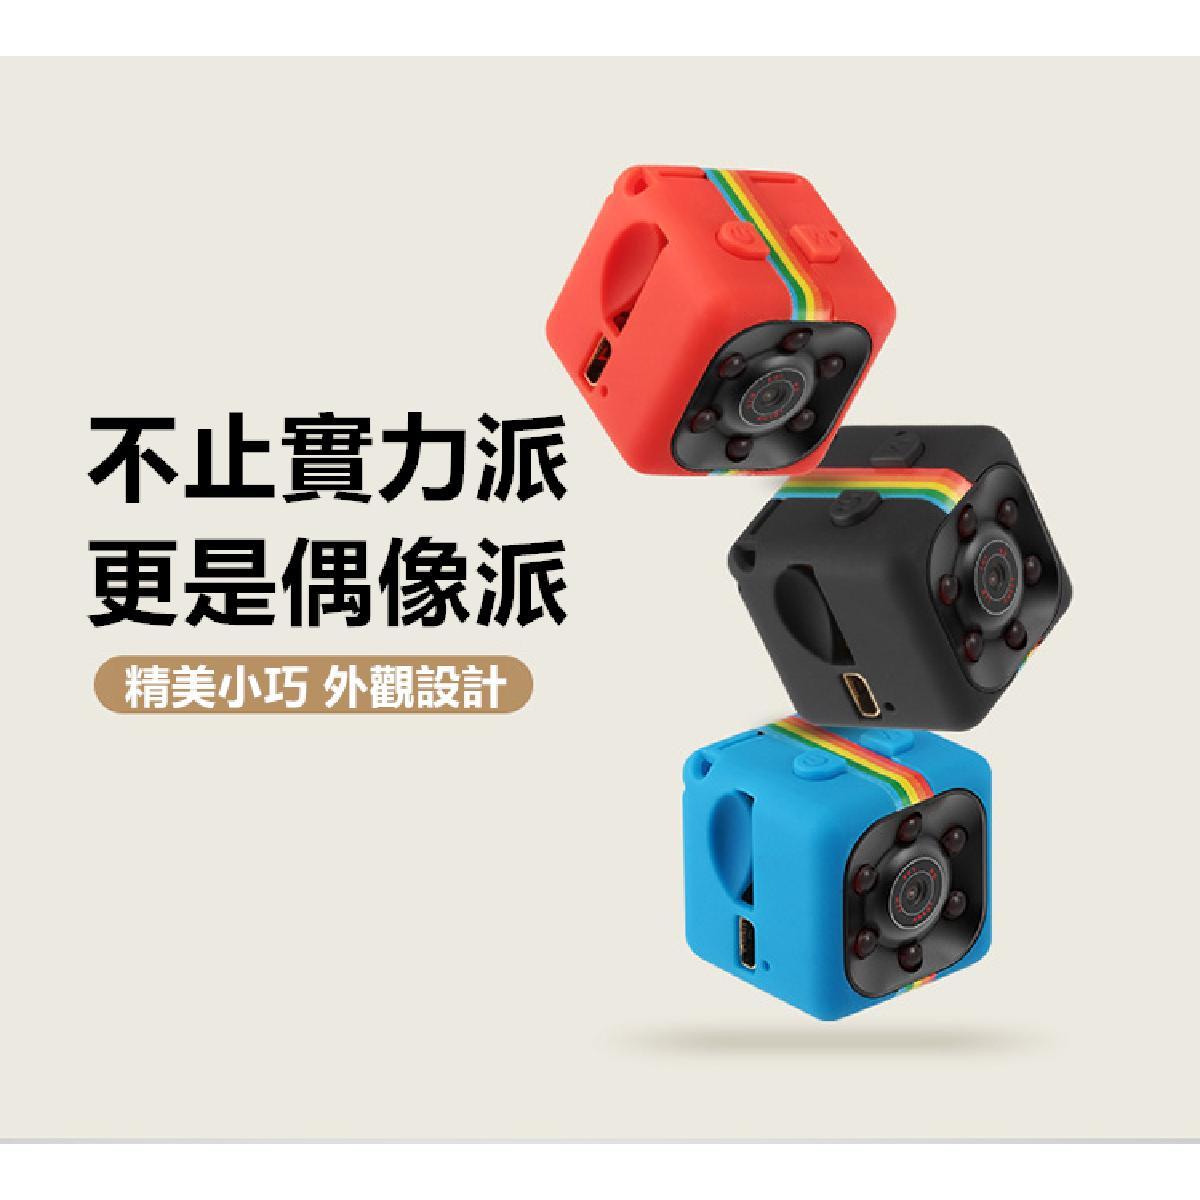 高清迷你運動相機SQ11 (紅色)